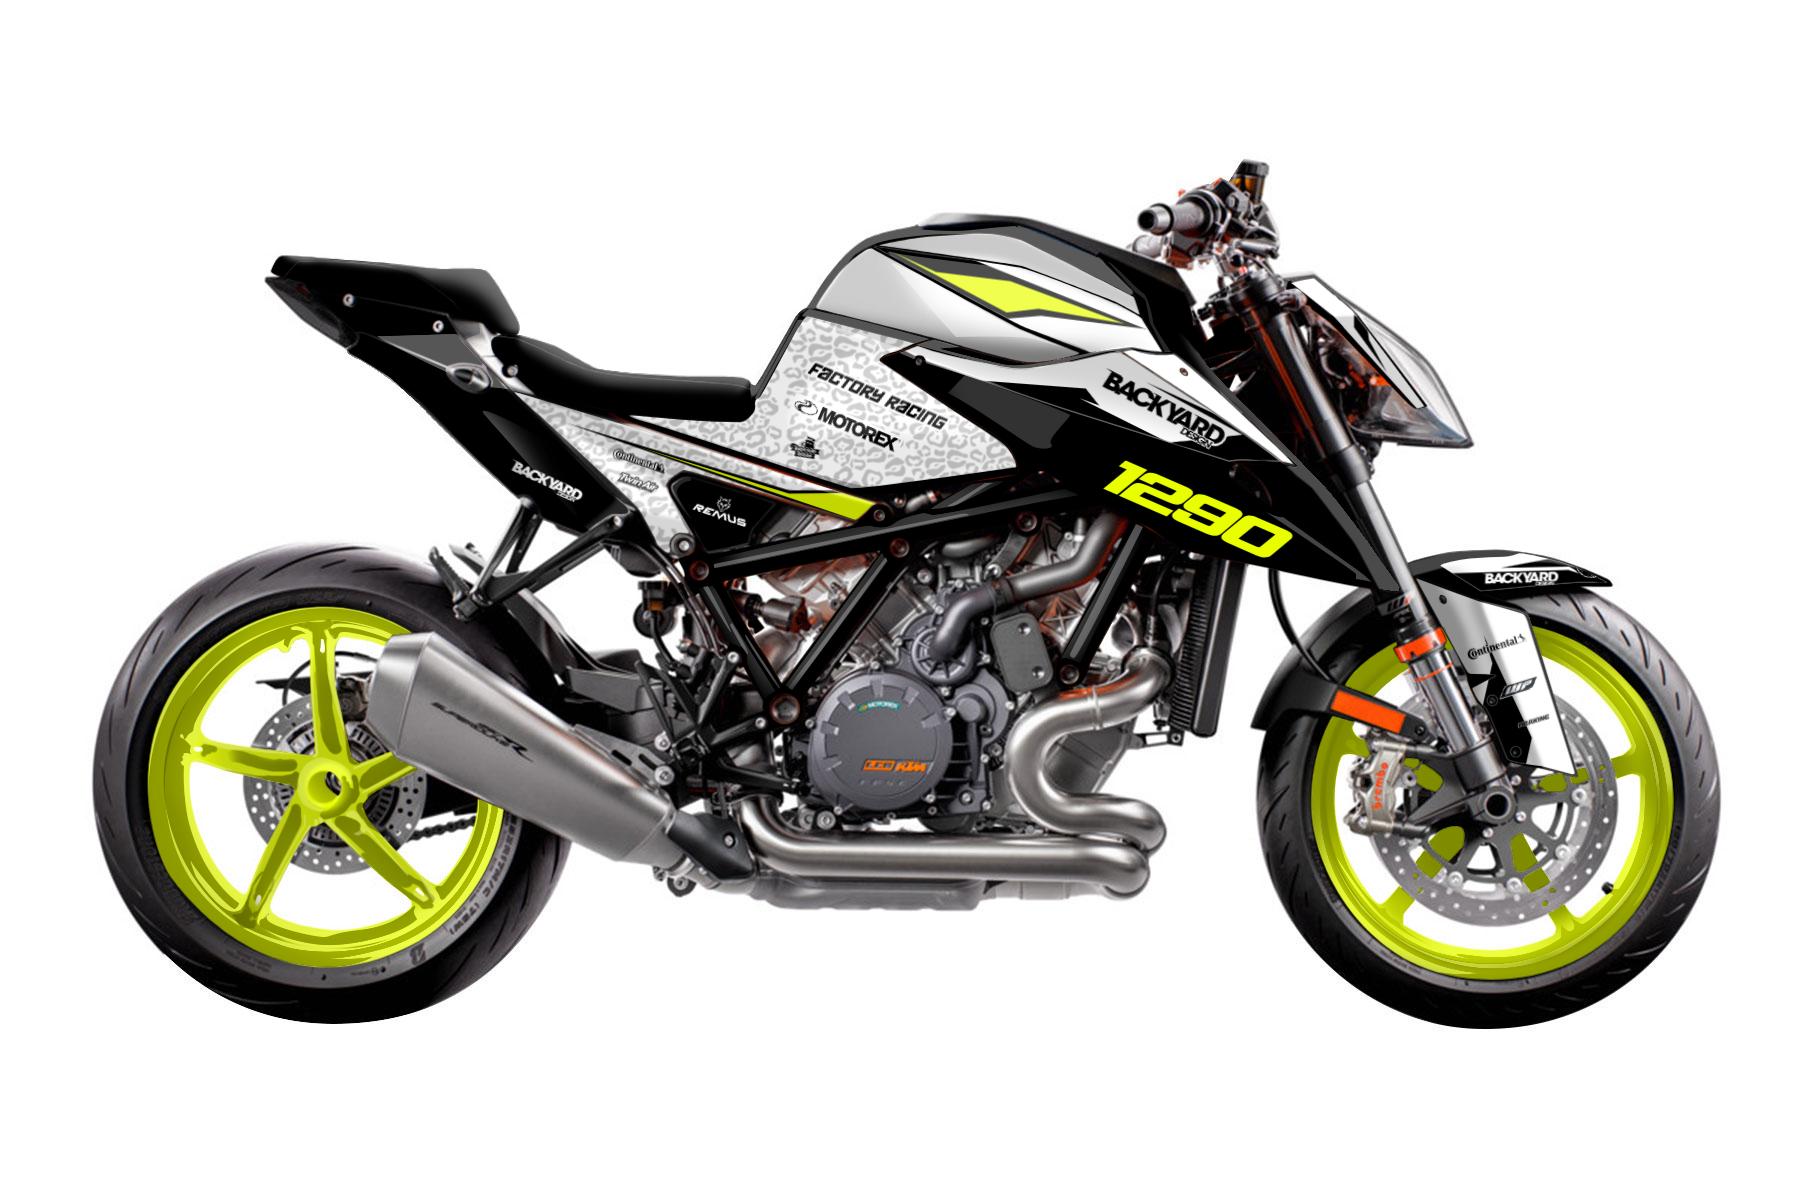 Pattern Neon - Eines von vielen KTM 1290 Super Duke R Supermoto Dekor Grunddesigns von Backyard Design